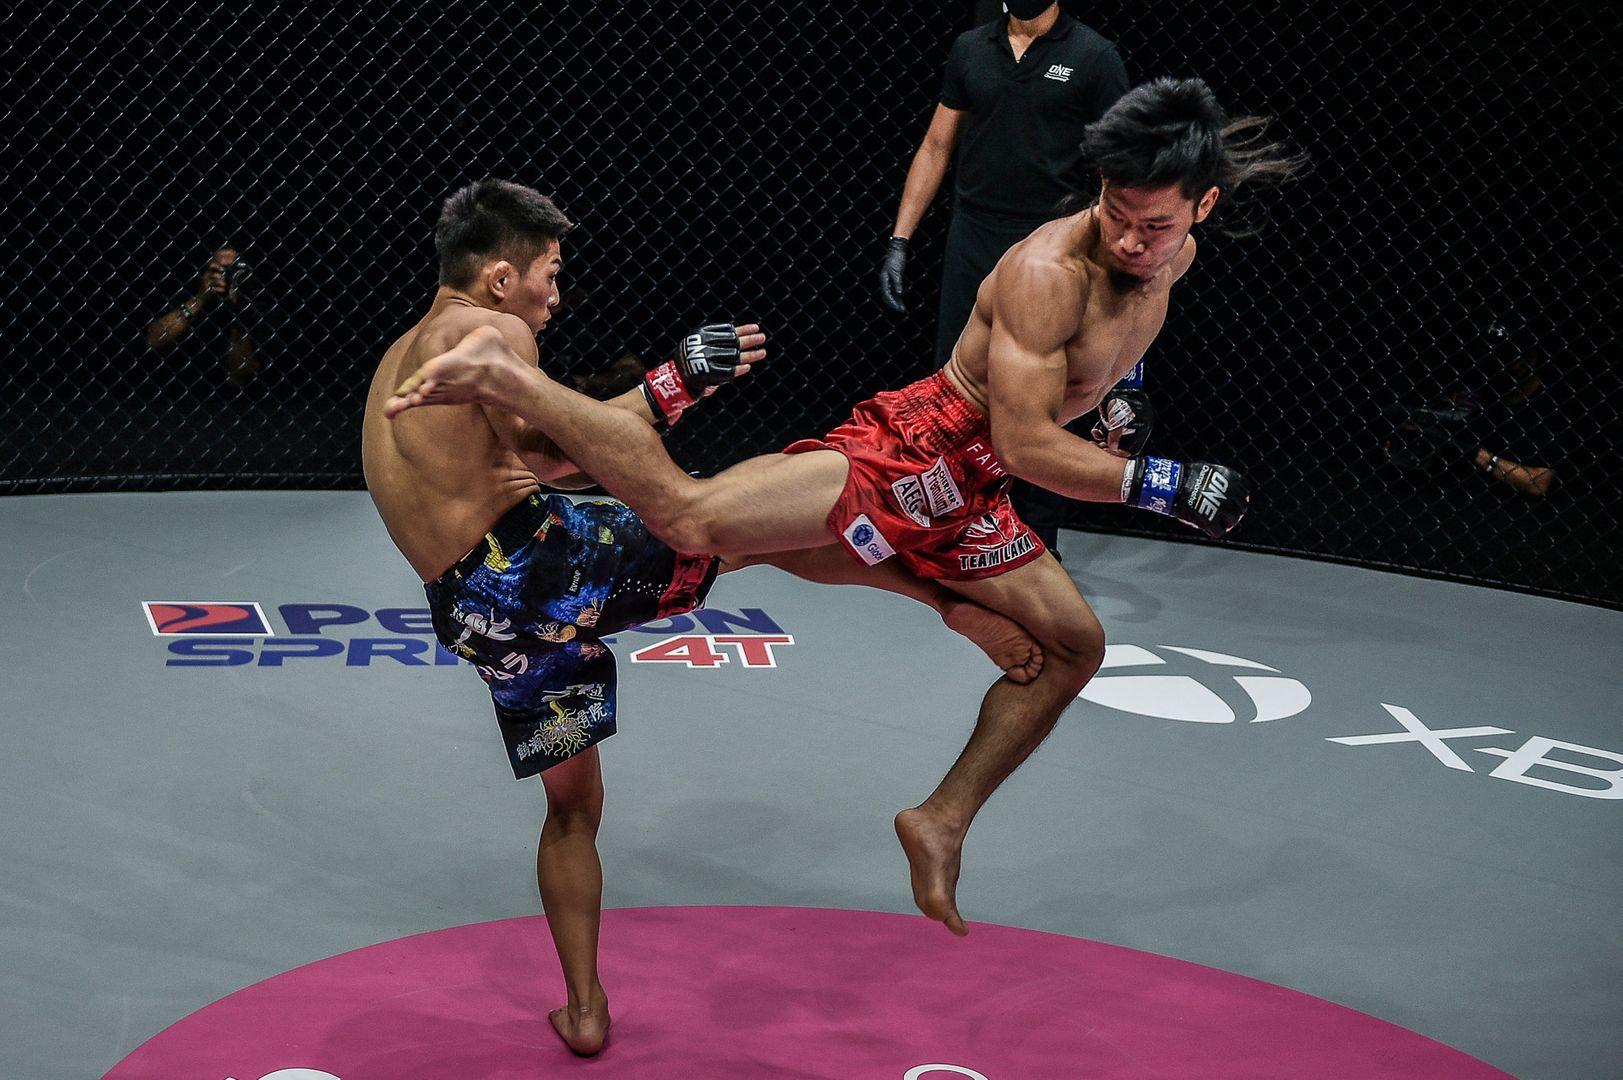 Filipino MMA fighter Lito Adiwang throws a spinning back kick at Hiroba Minowa